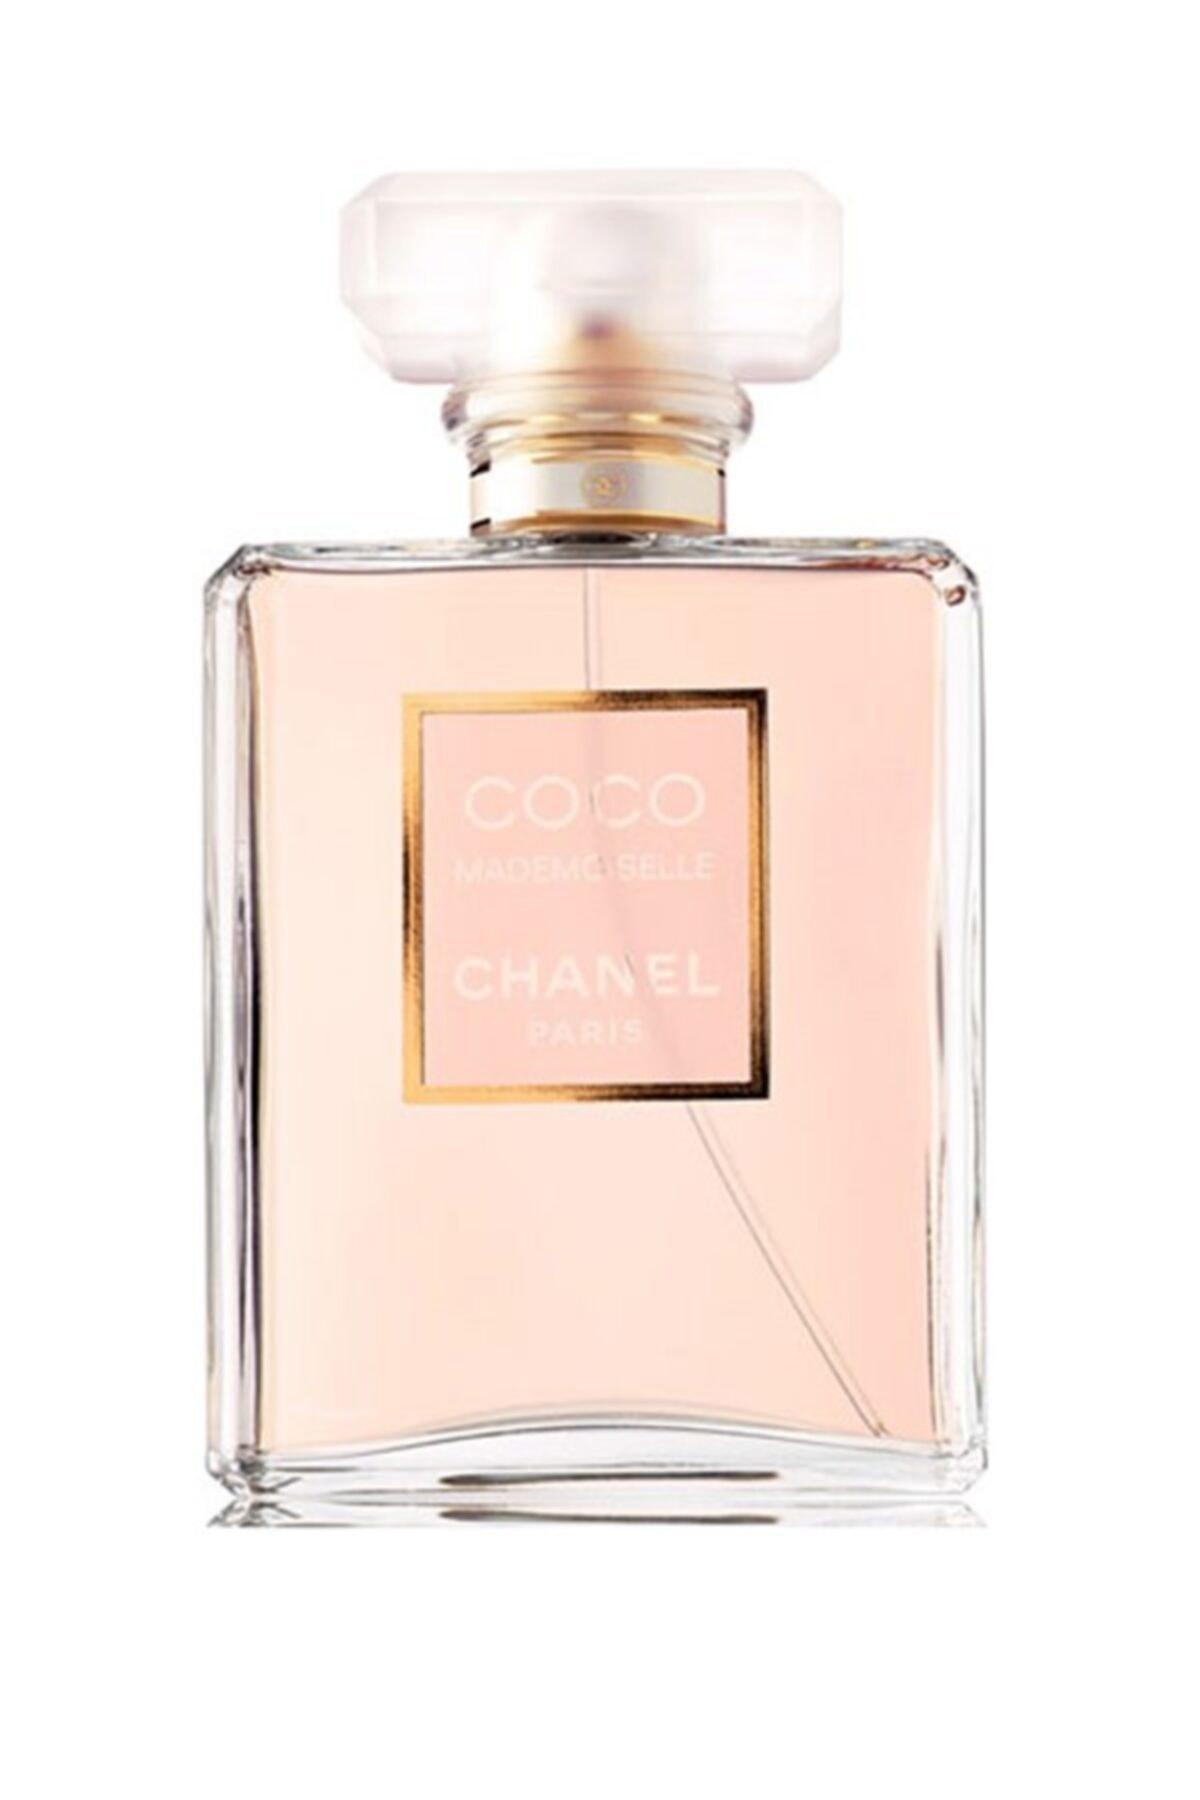 Chanel Coco Mademoiselle Edp 200 Ml Kadın Parfümü 3145891165708 1